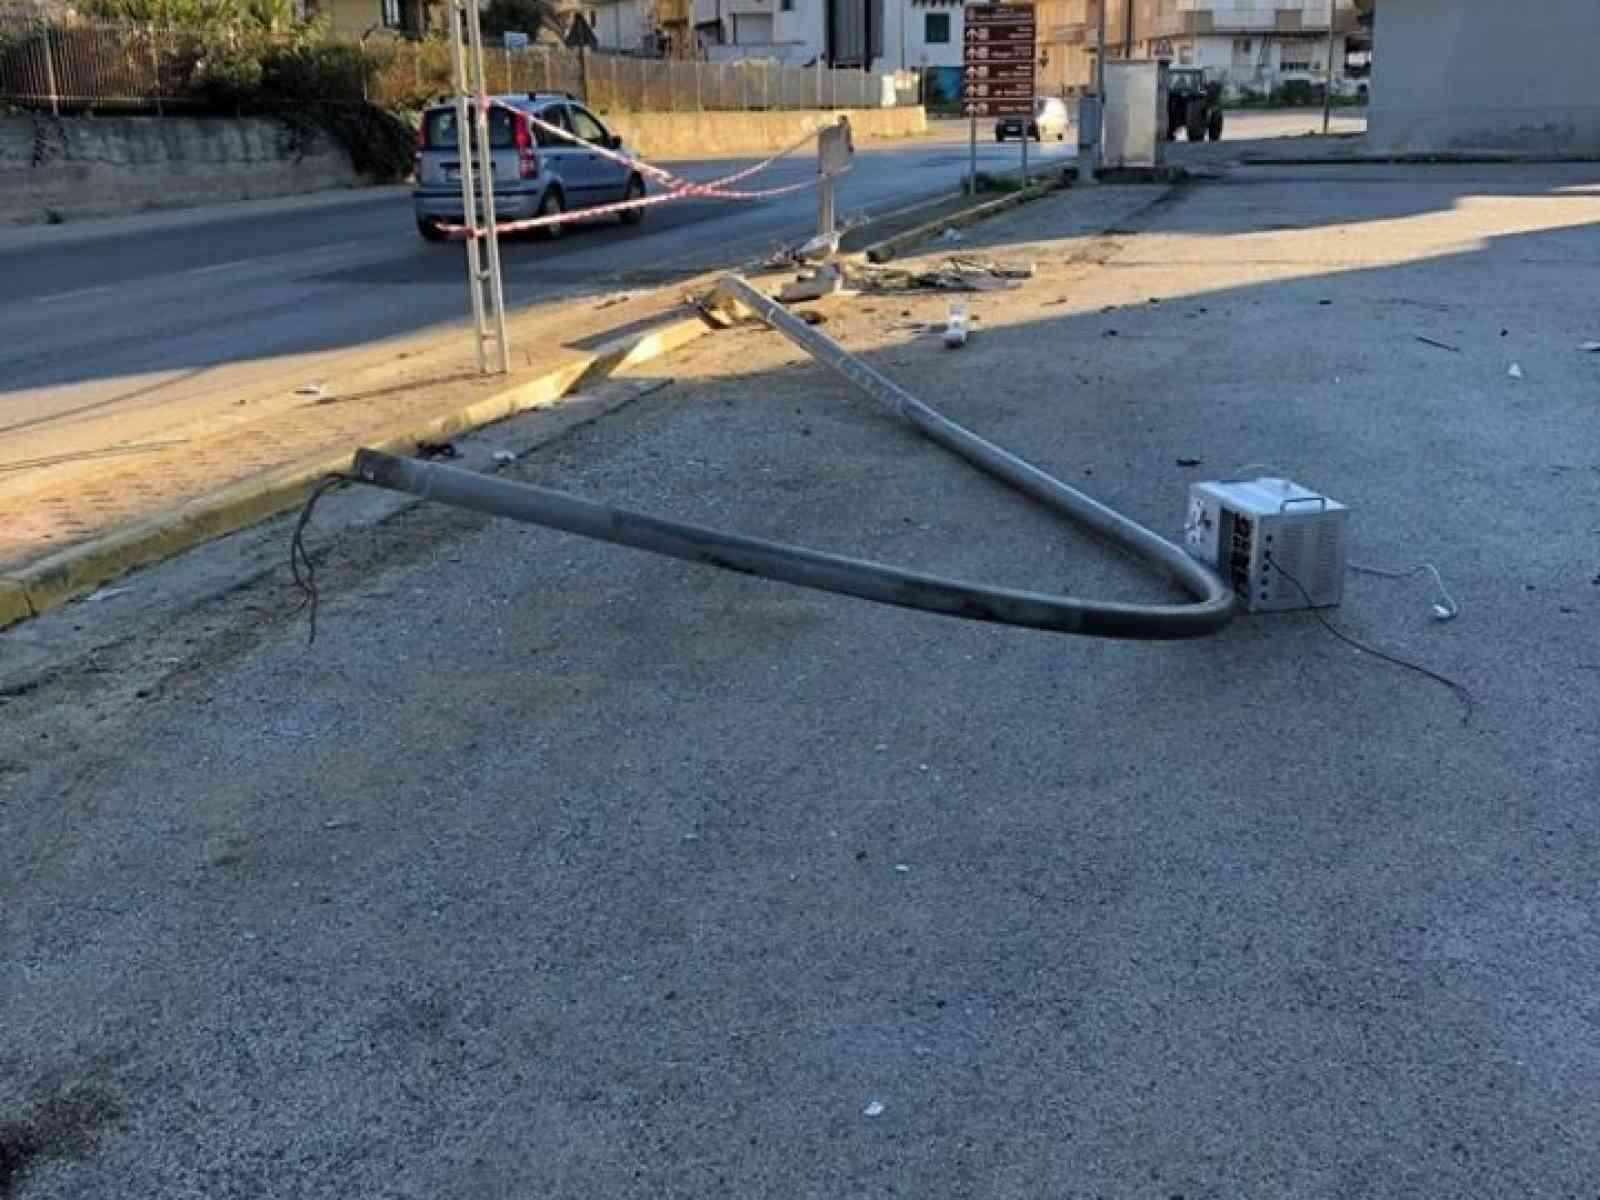 Immagine articolo: S.Margherita, autista perde il controllo e va a finire fuori strada in via San Francesco